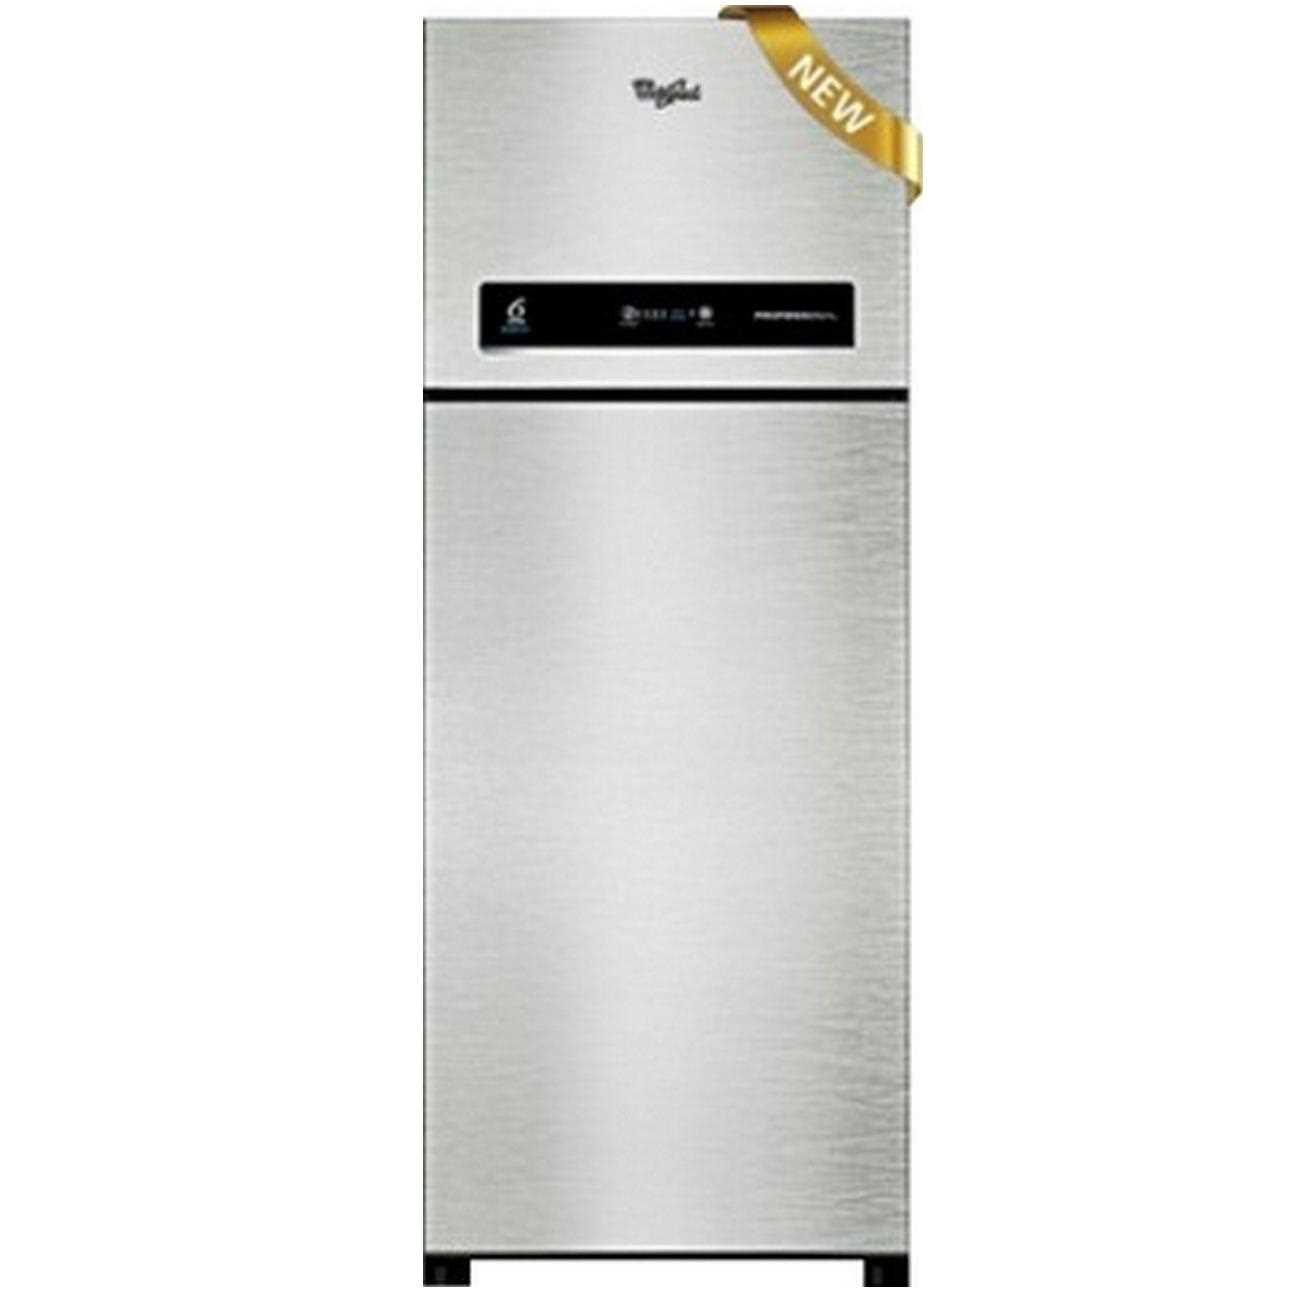 Whirlpool Pro 375 ELT 4S Double Door 360 Litres Frost Free Refrigerator